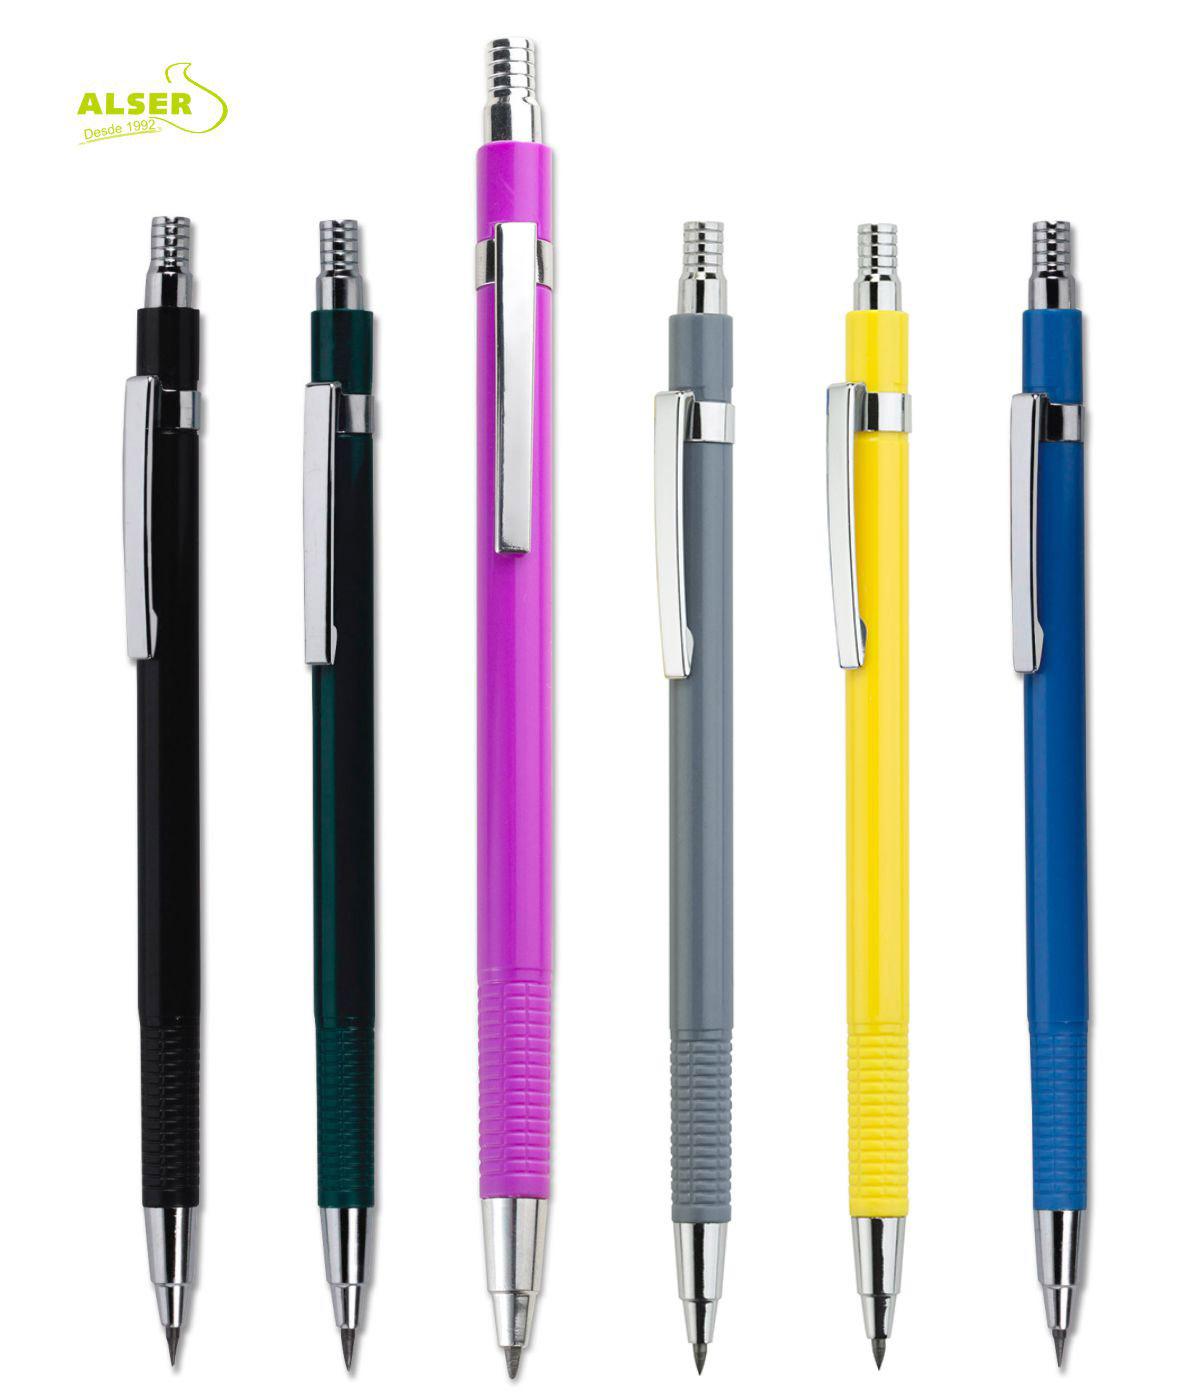 Portaminas Corporativo para publicidad. Colores